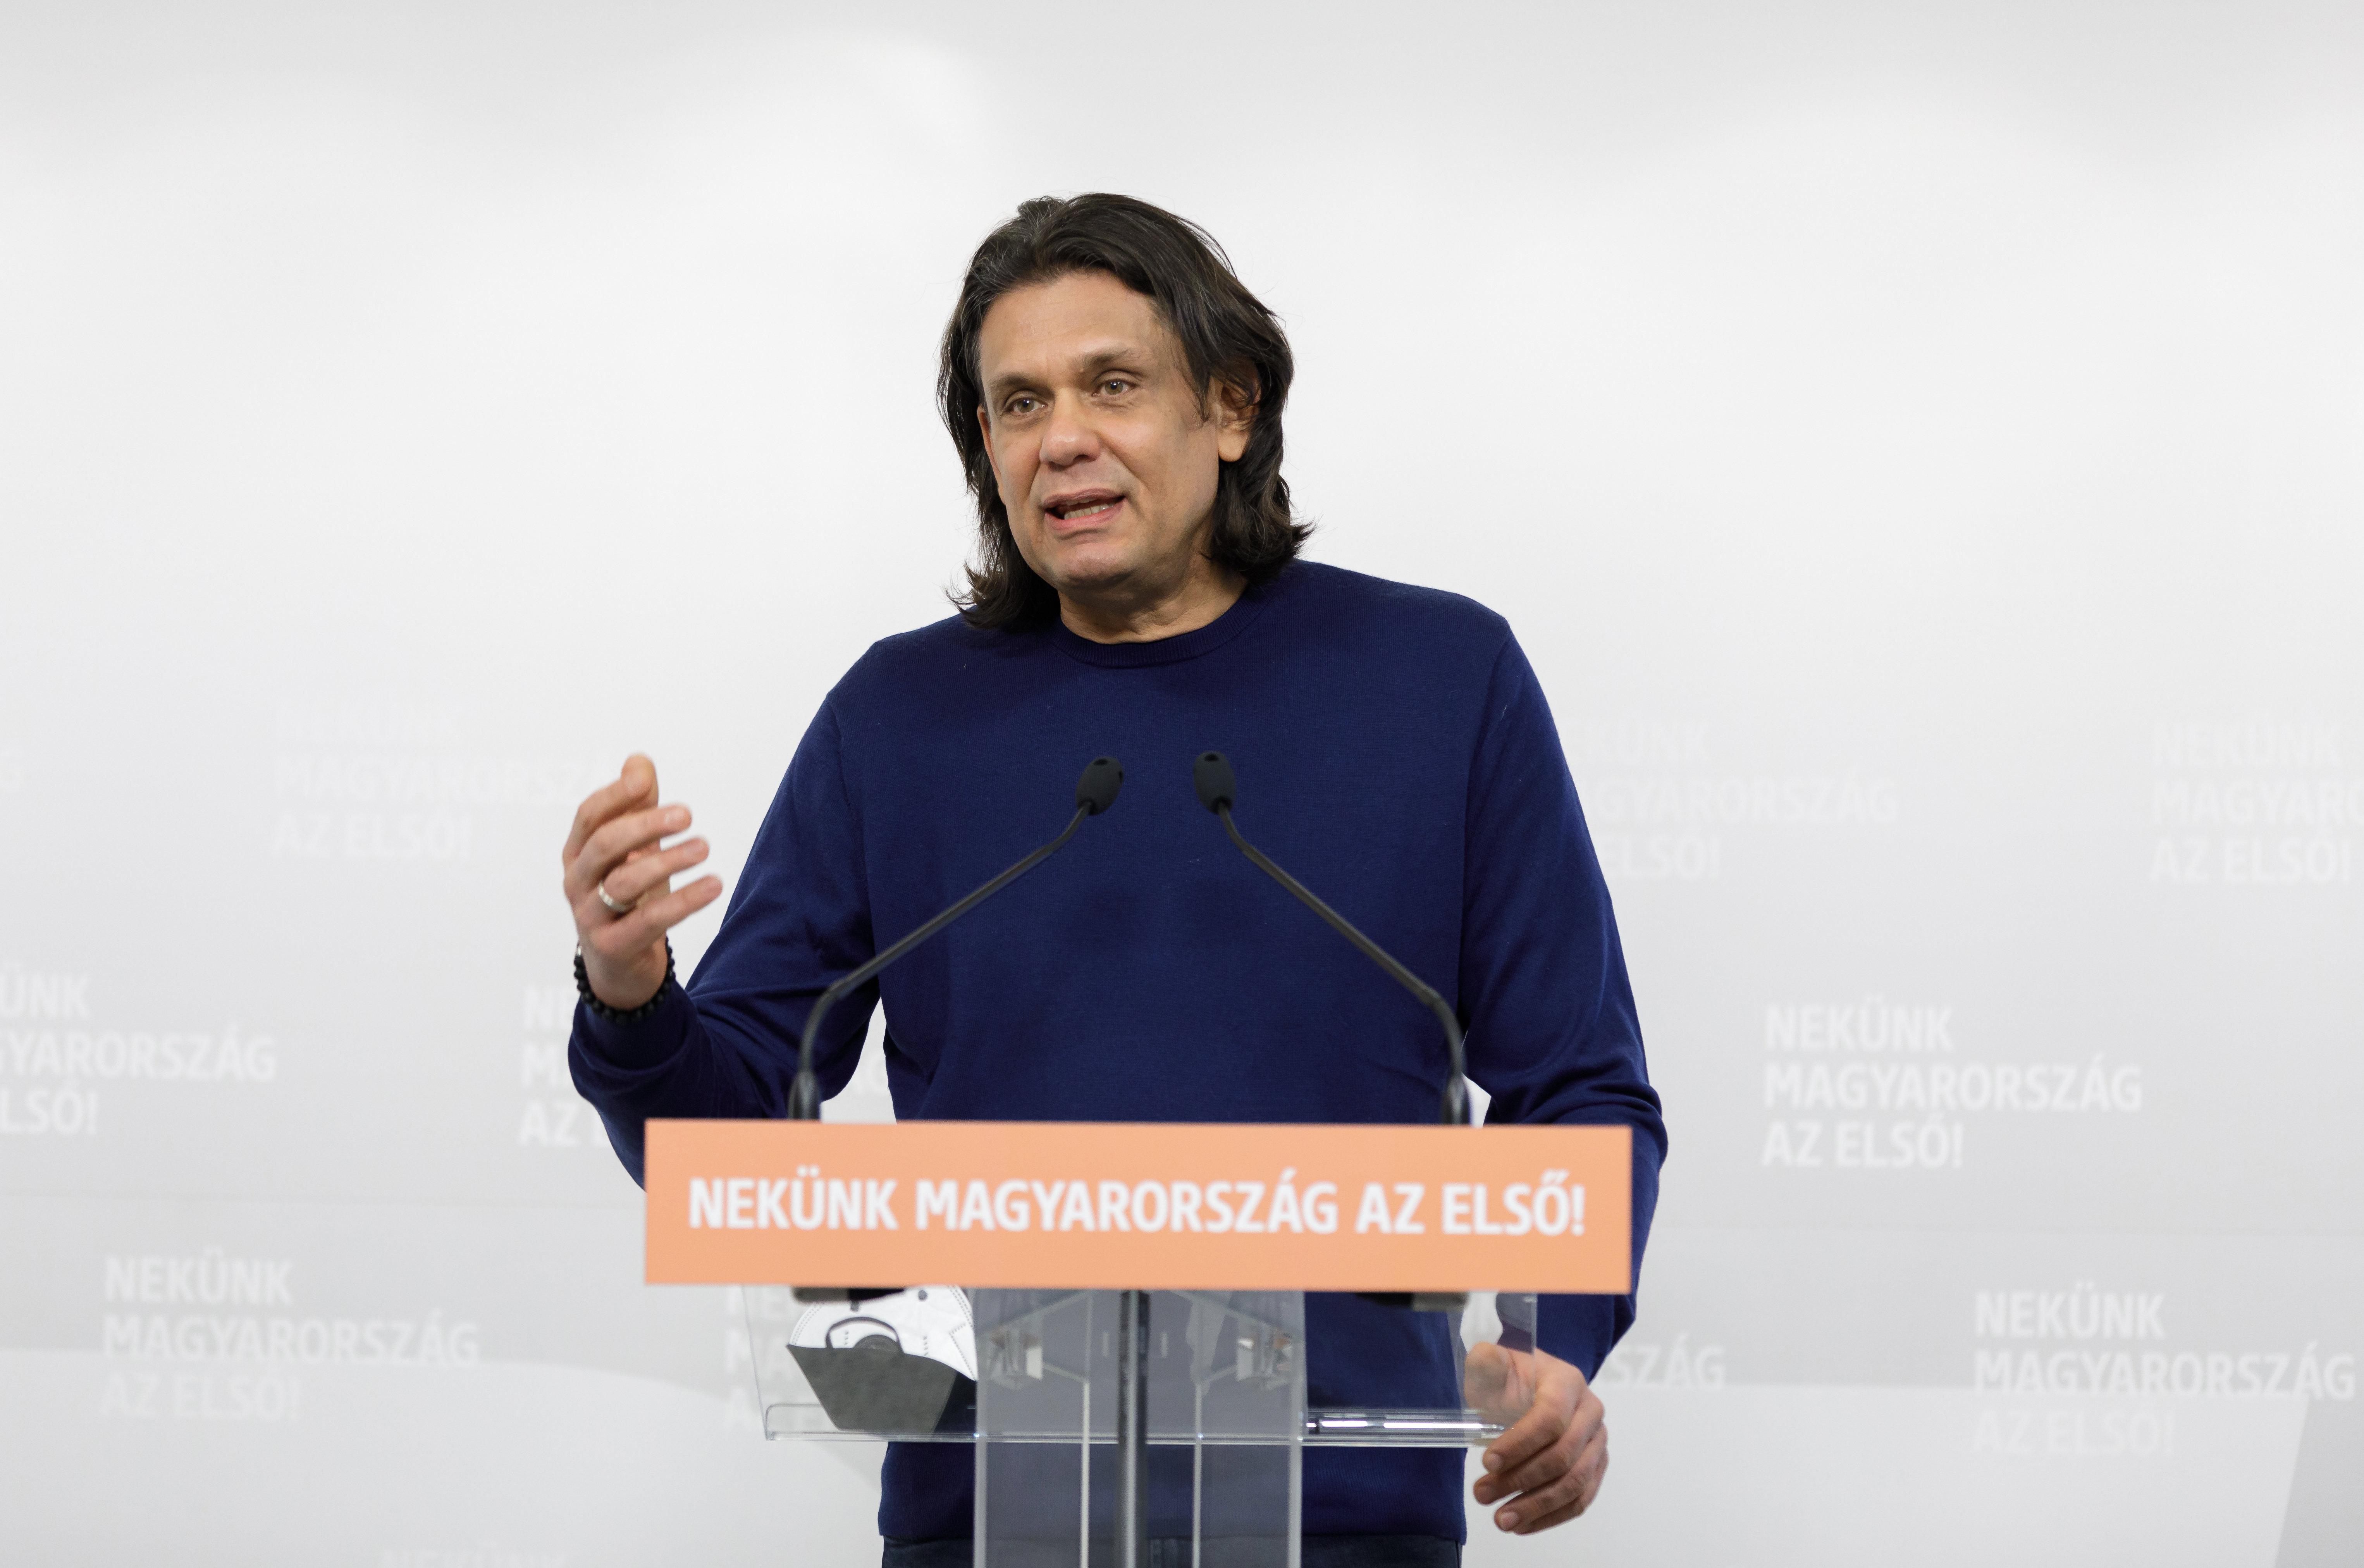 Deutsch Tamás vezetésével erősítenék a fideszes narratívát Brüsszelben